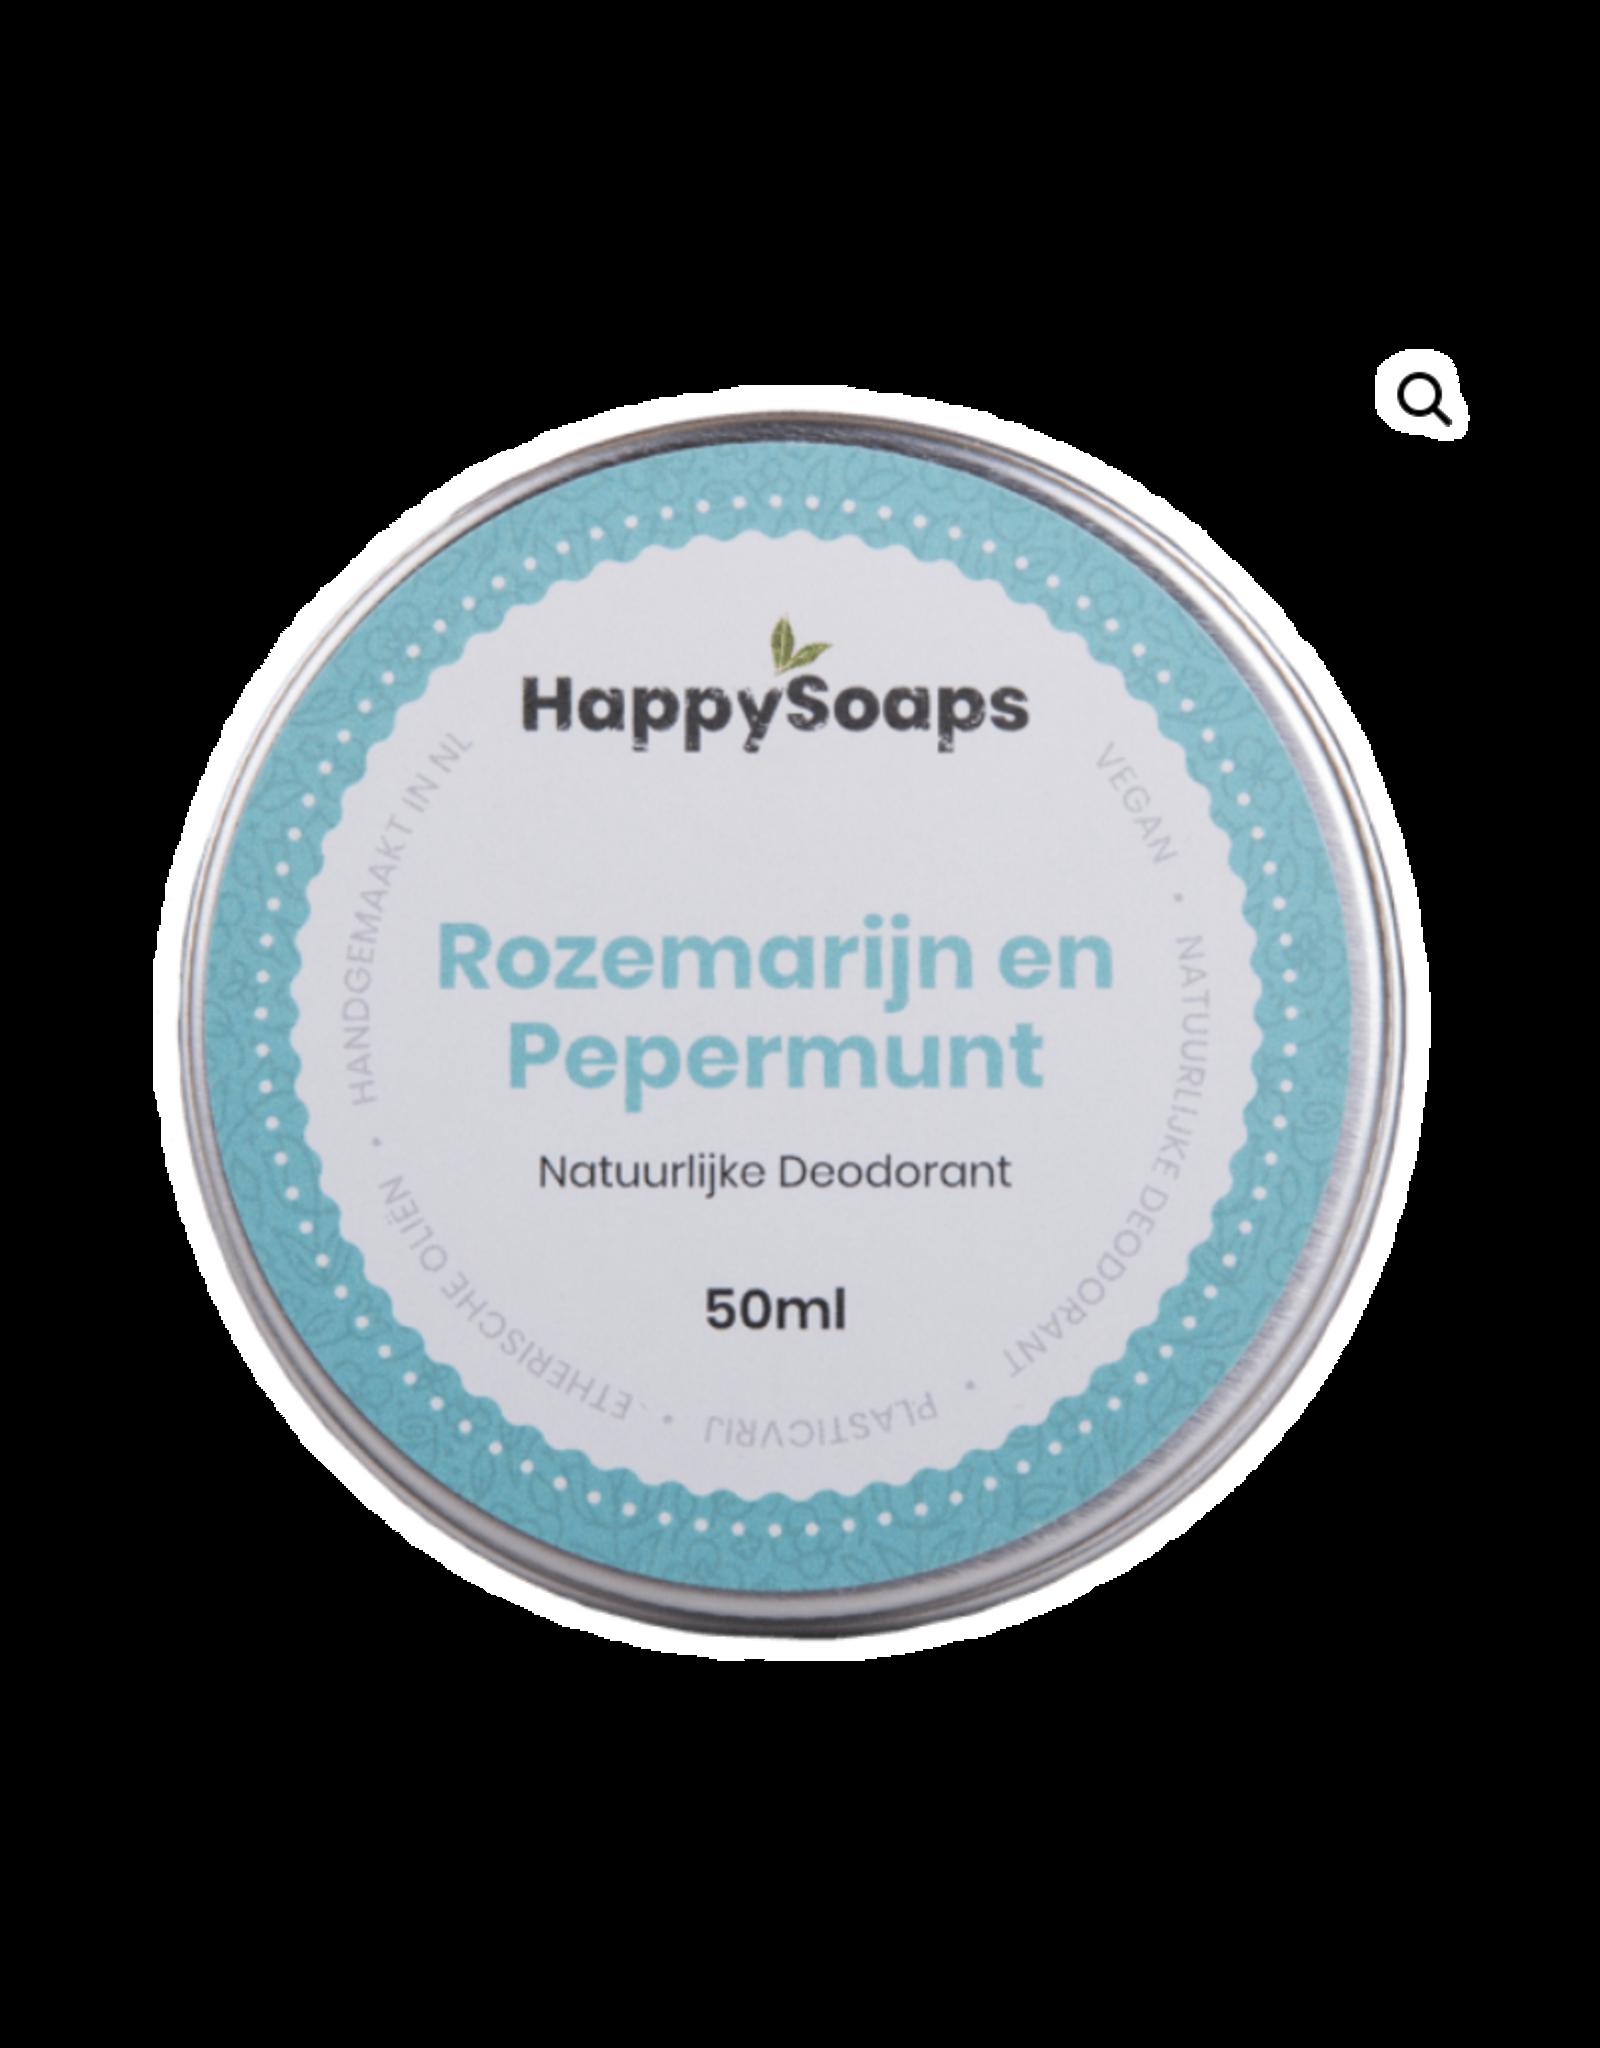 Natuurlijke Deodorant Rozemarijn en Pepermunt - Body & Soap